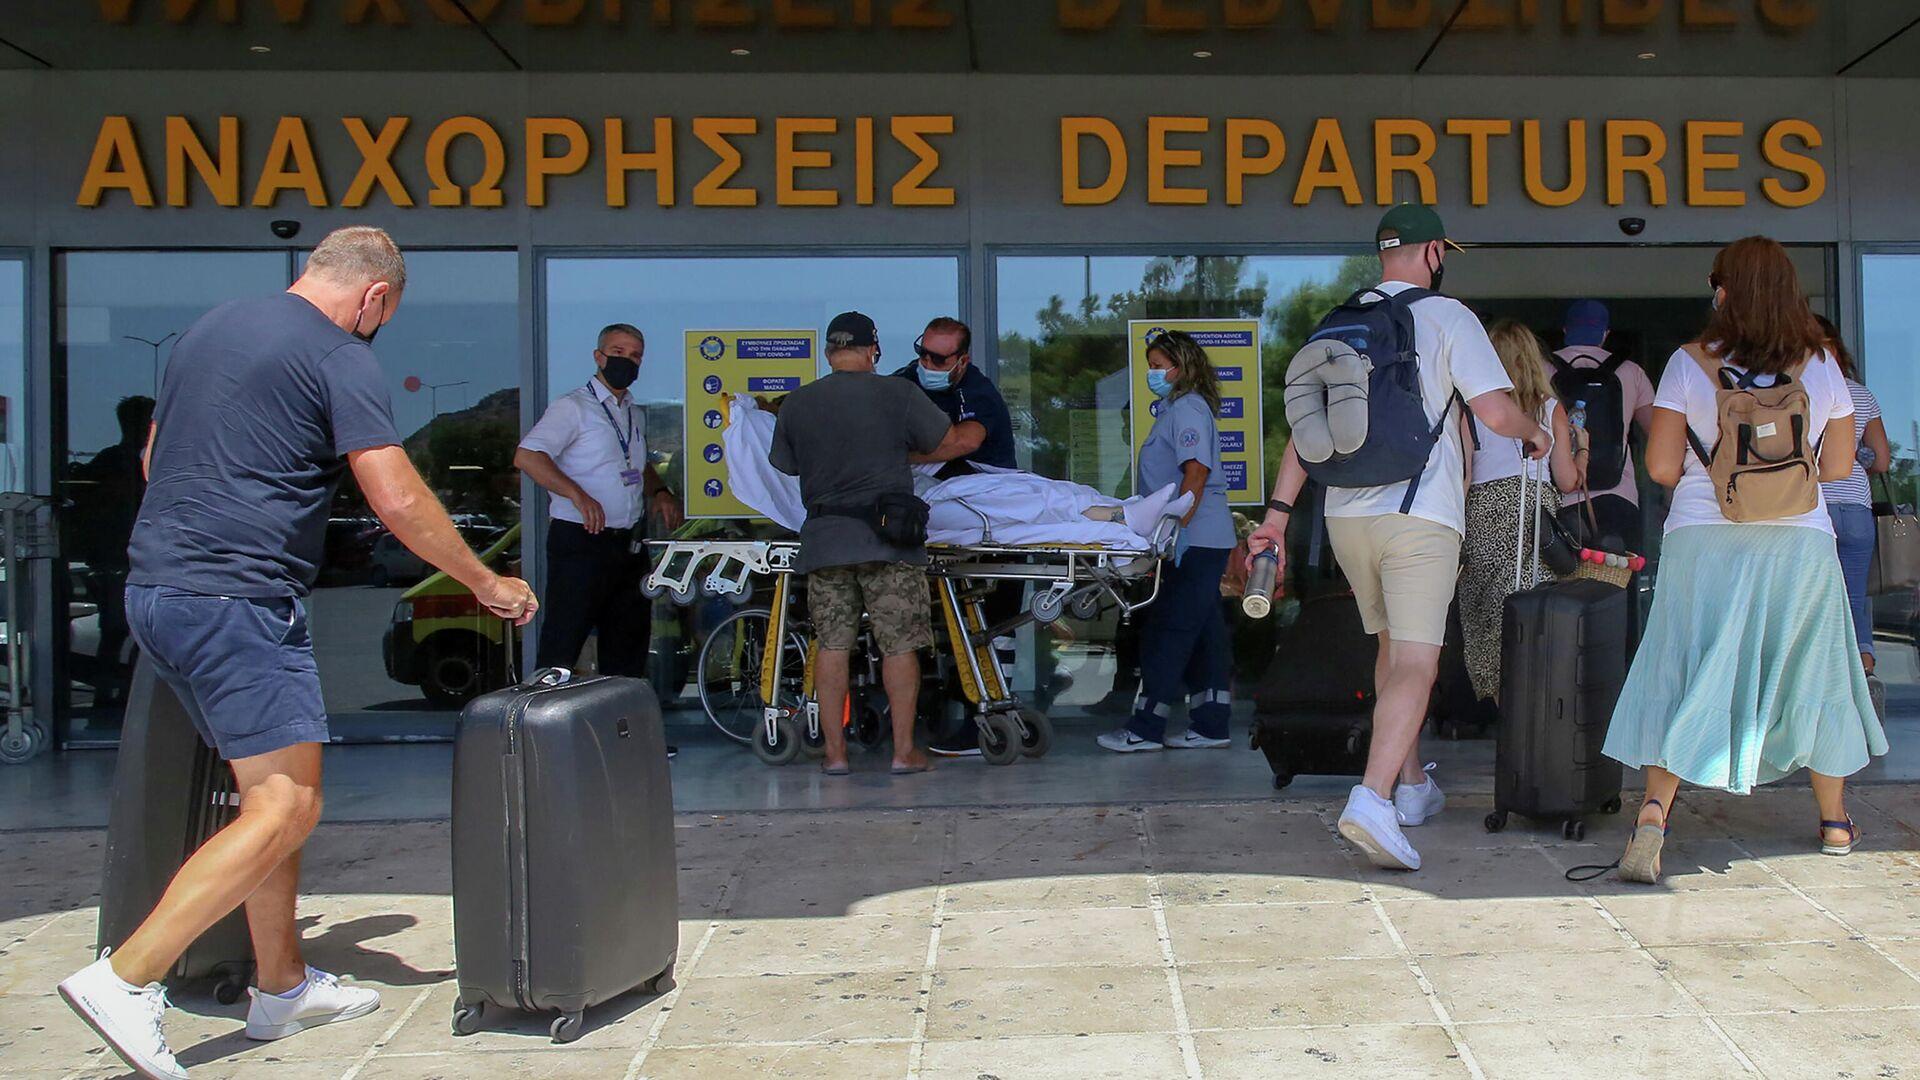 Туристы в аэропорту Ираклиона, Греция - РИА Новости, 1920, 23.10.2020